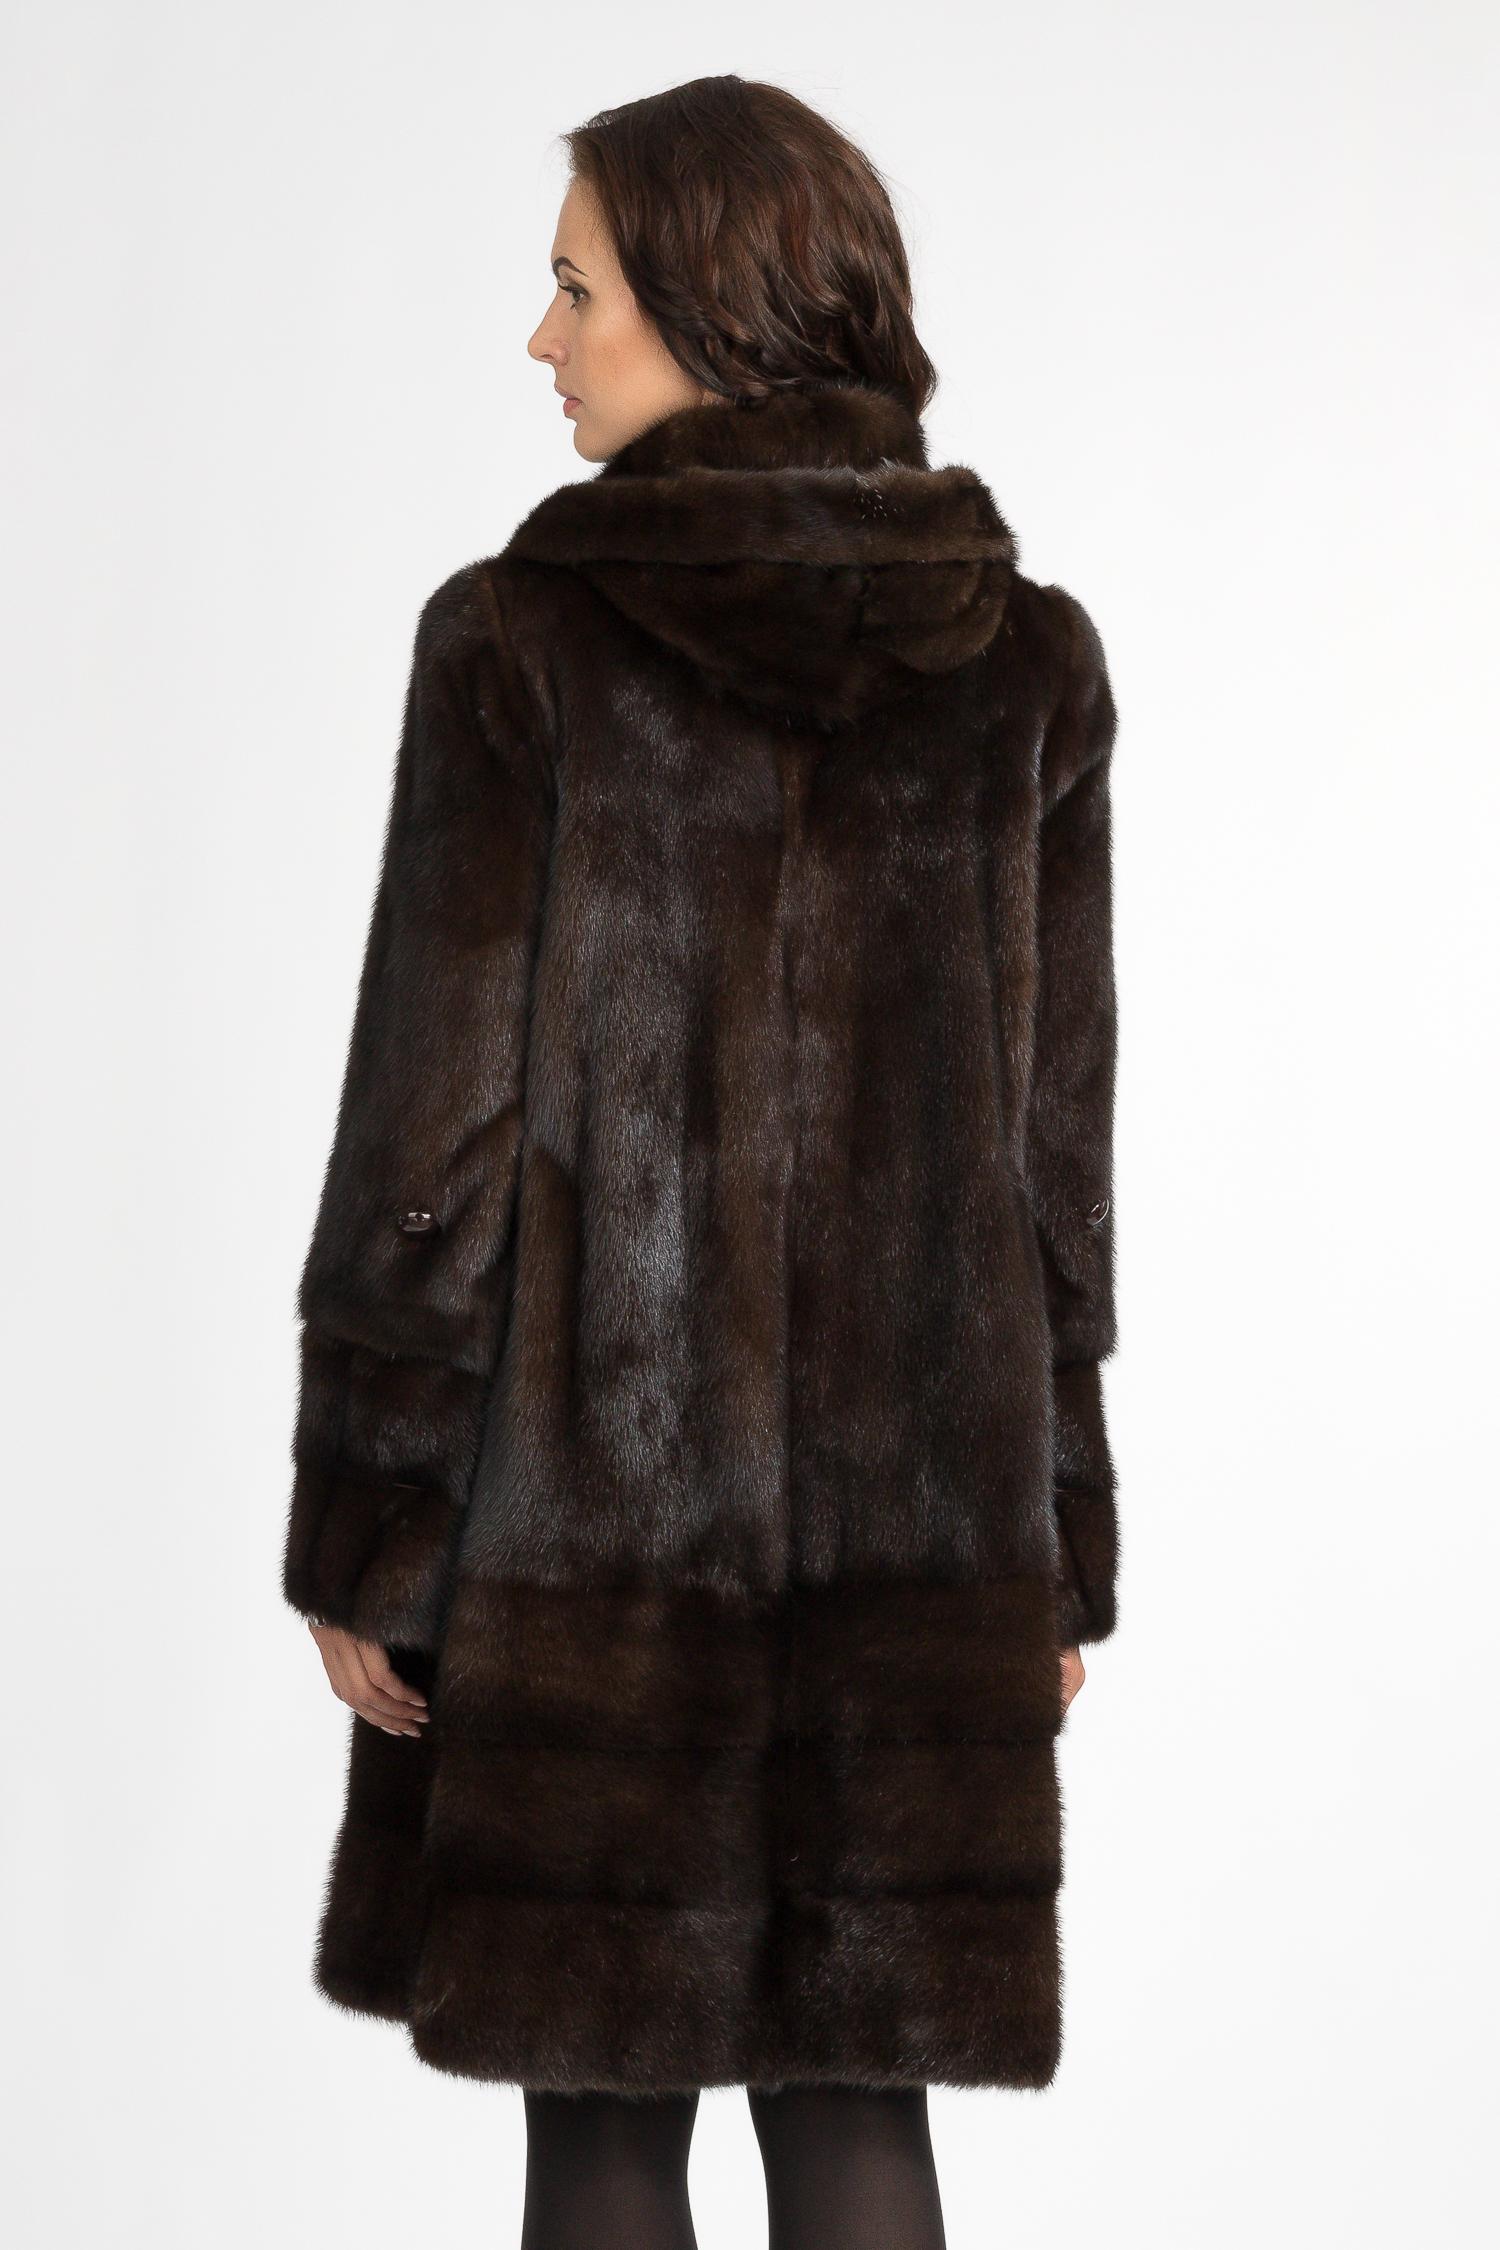 Пуховик женский из текстиля с капюшоном, отделка енот